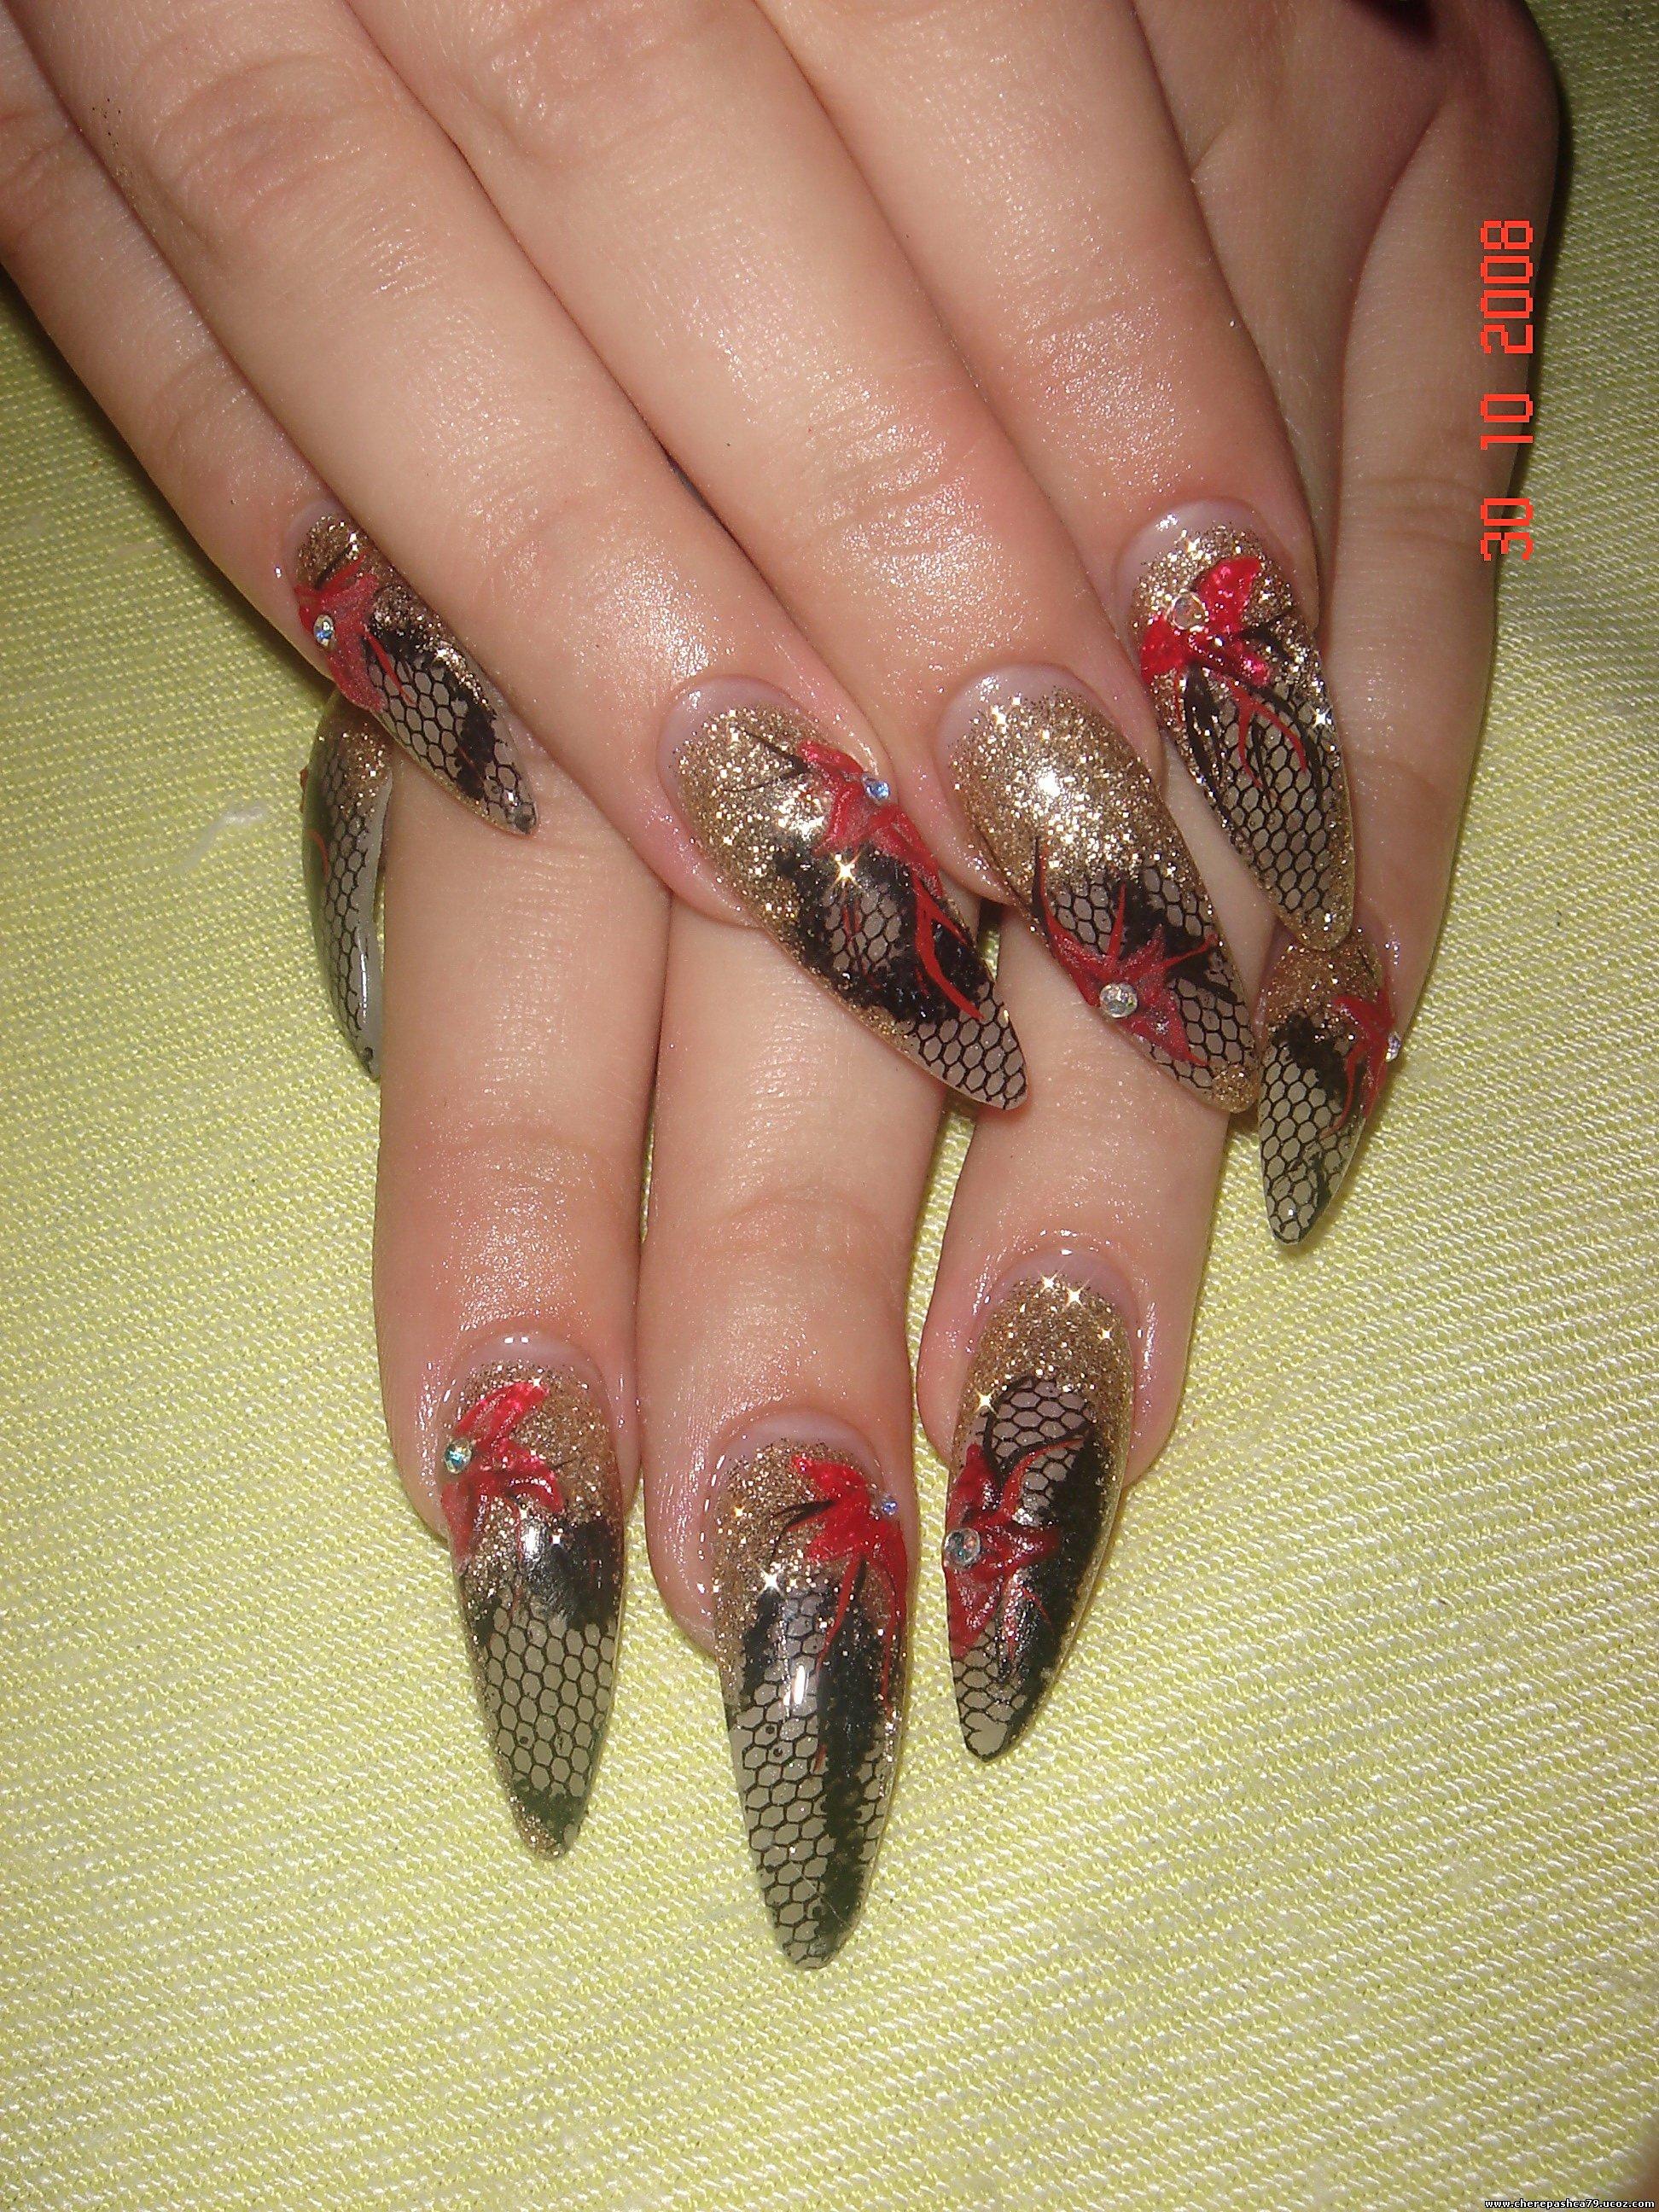 Акрилом дизайн ногтей фото